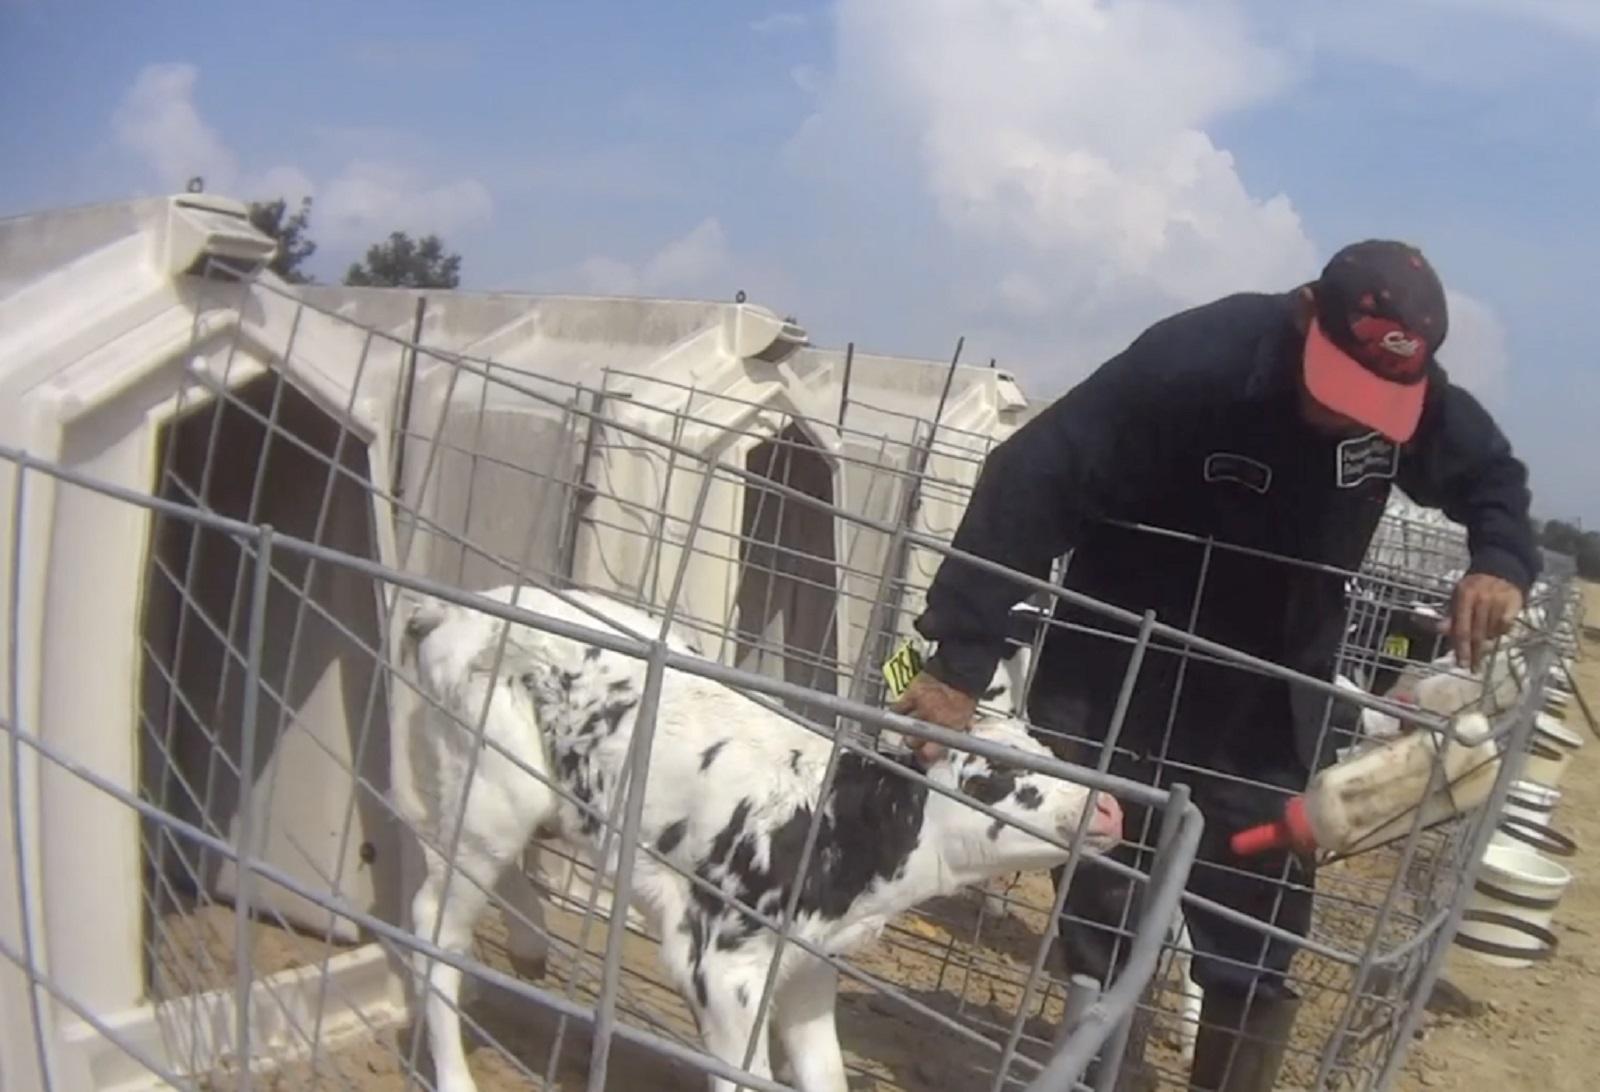 Disturbing video taken of calf abuse at Fair Oaks Farms